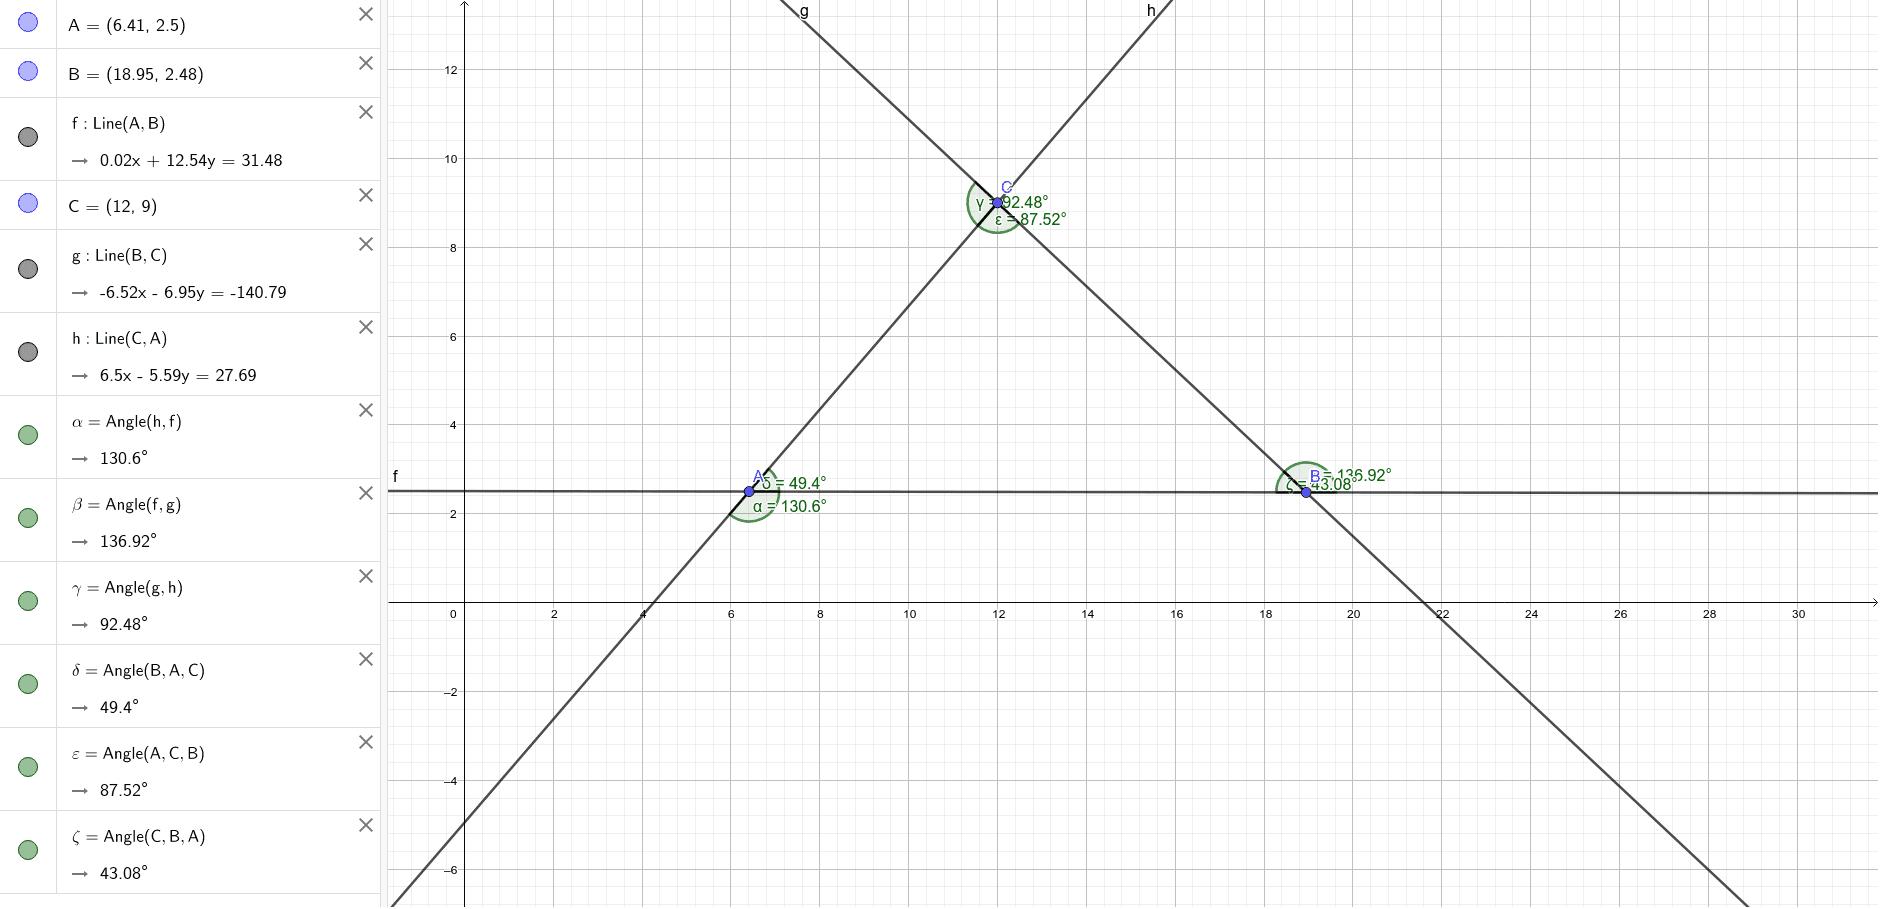 Збир спољашњих и унутрашњих углова троугла Pritisnite Enter kako bi pokrenuli aktivnost